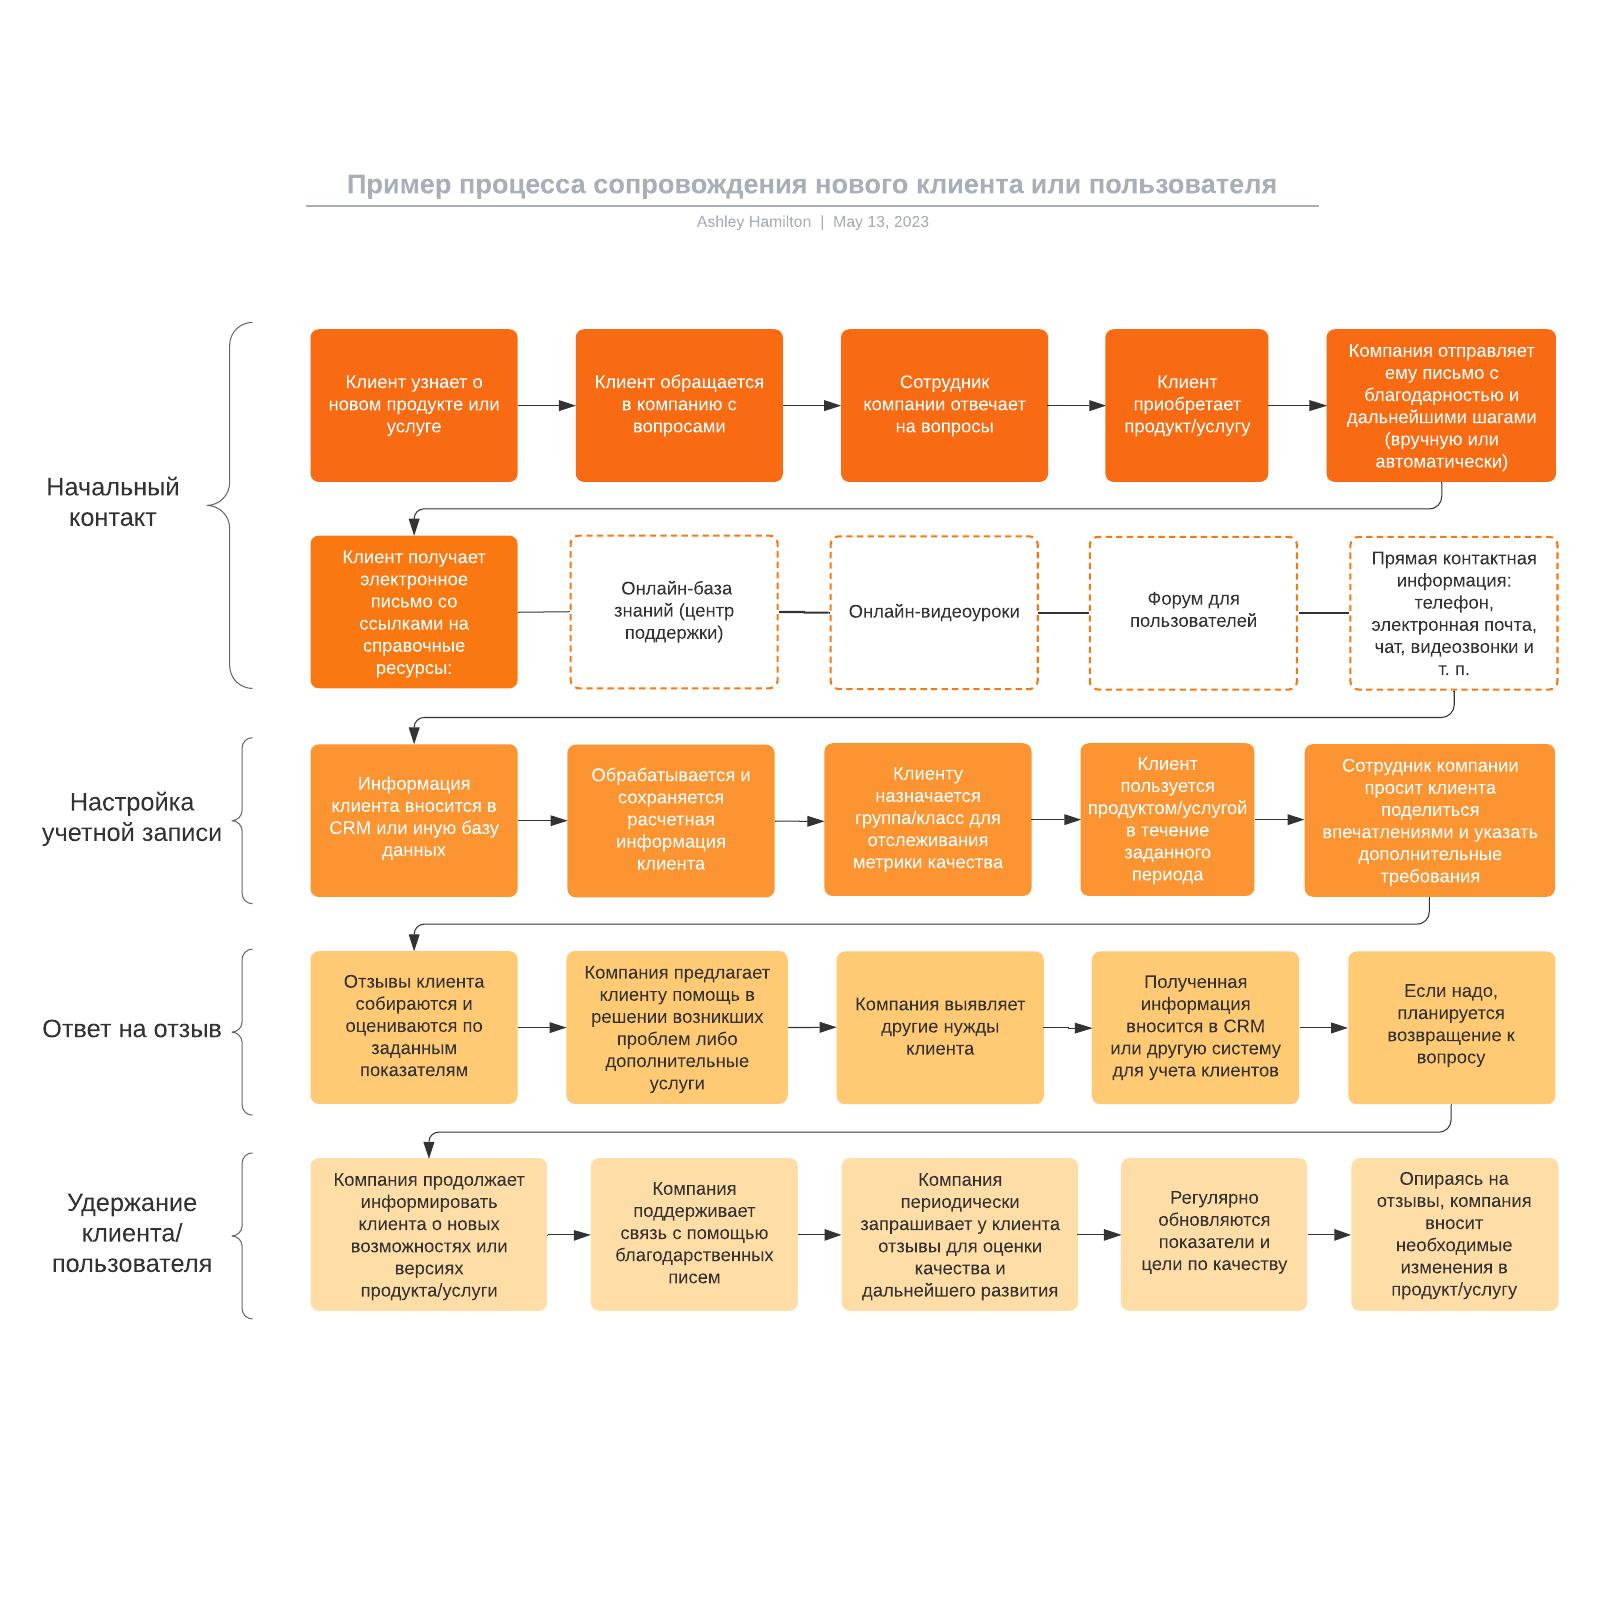 Пример процесса сопровождения нового клиента или пользователя